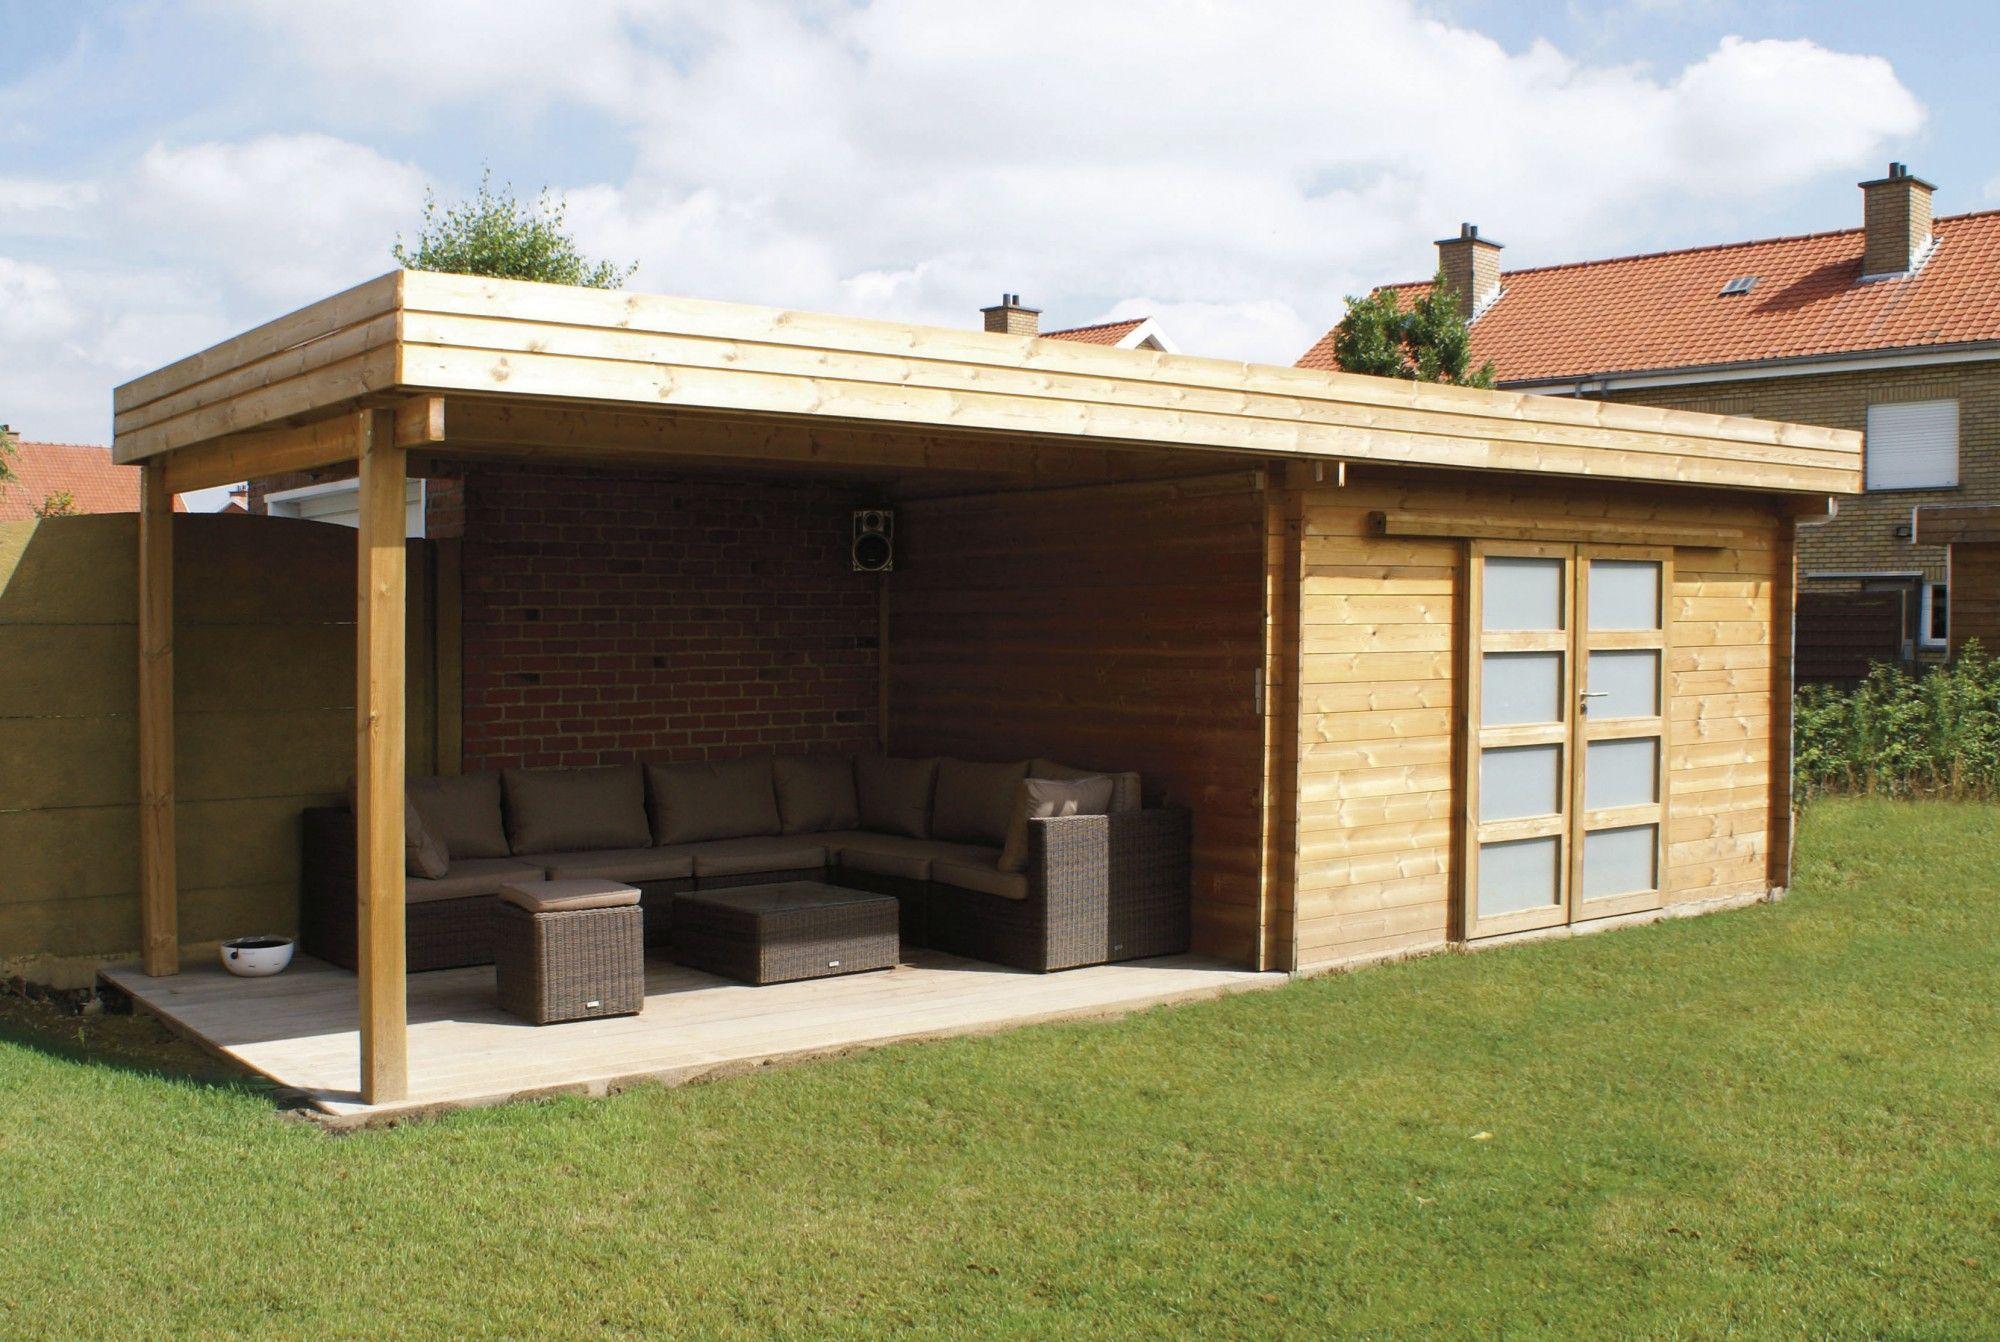 Abri De Jardin Non Clos - Maison Mobilier Et Design | Abri ... intérieur Abri De Jardin Design